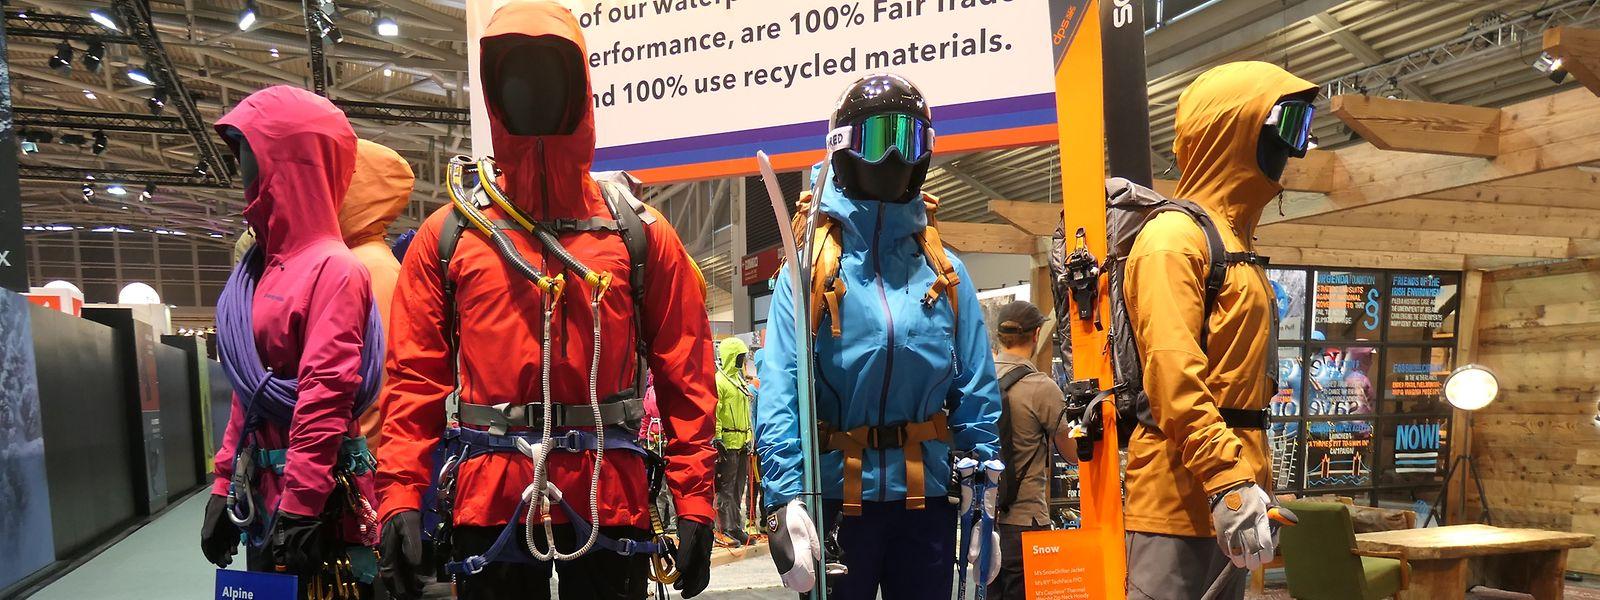 Zu schade zum Wegwerfen: Der kalifornische Hersteller Patagonia bietet im Internet Anleitungen zur Selbstreparatur und einen Marktplatz für gebrauchte Sachen.